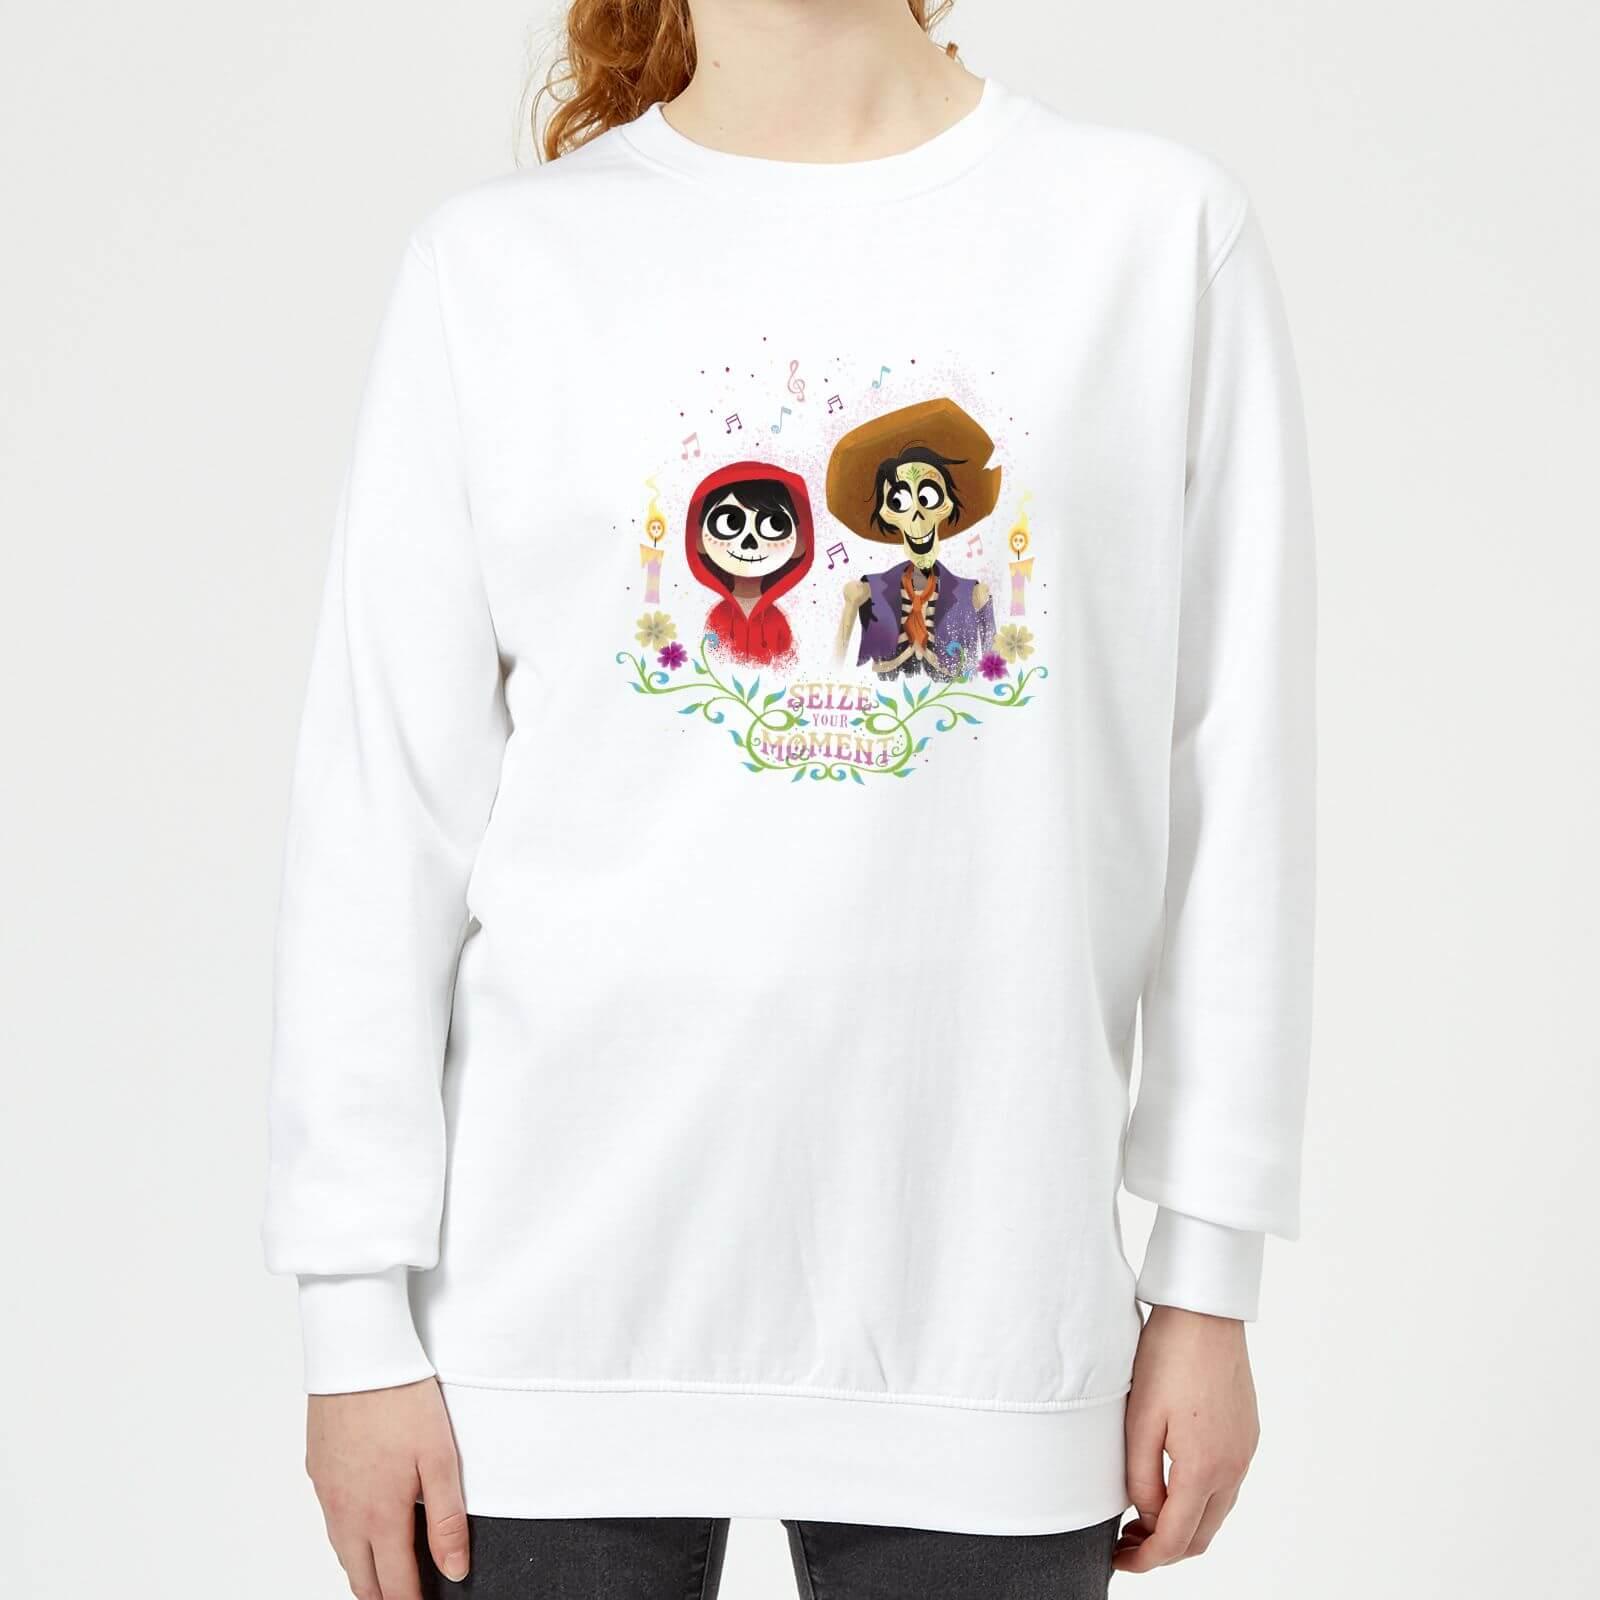 comprar online b2fe2 85e41 Sudadera Coco Disney Miguel y Héctor - Mujer - Blanco